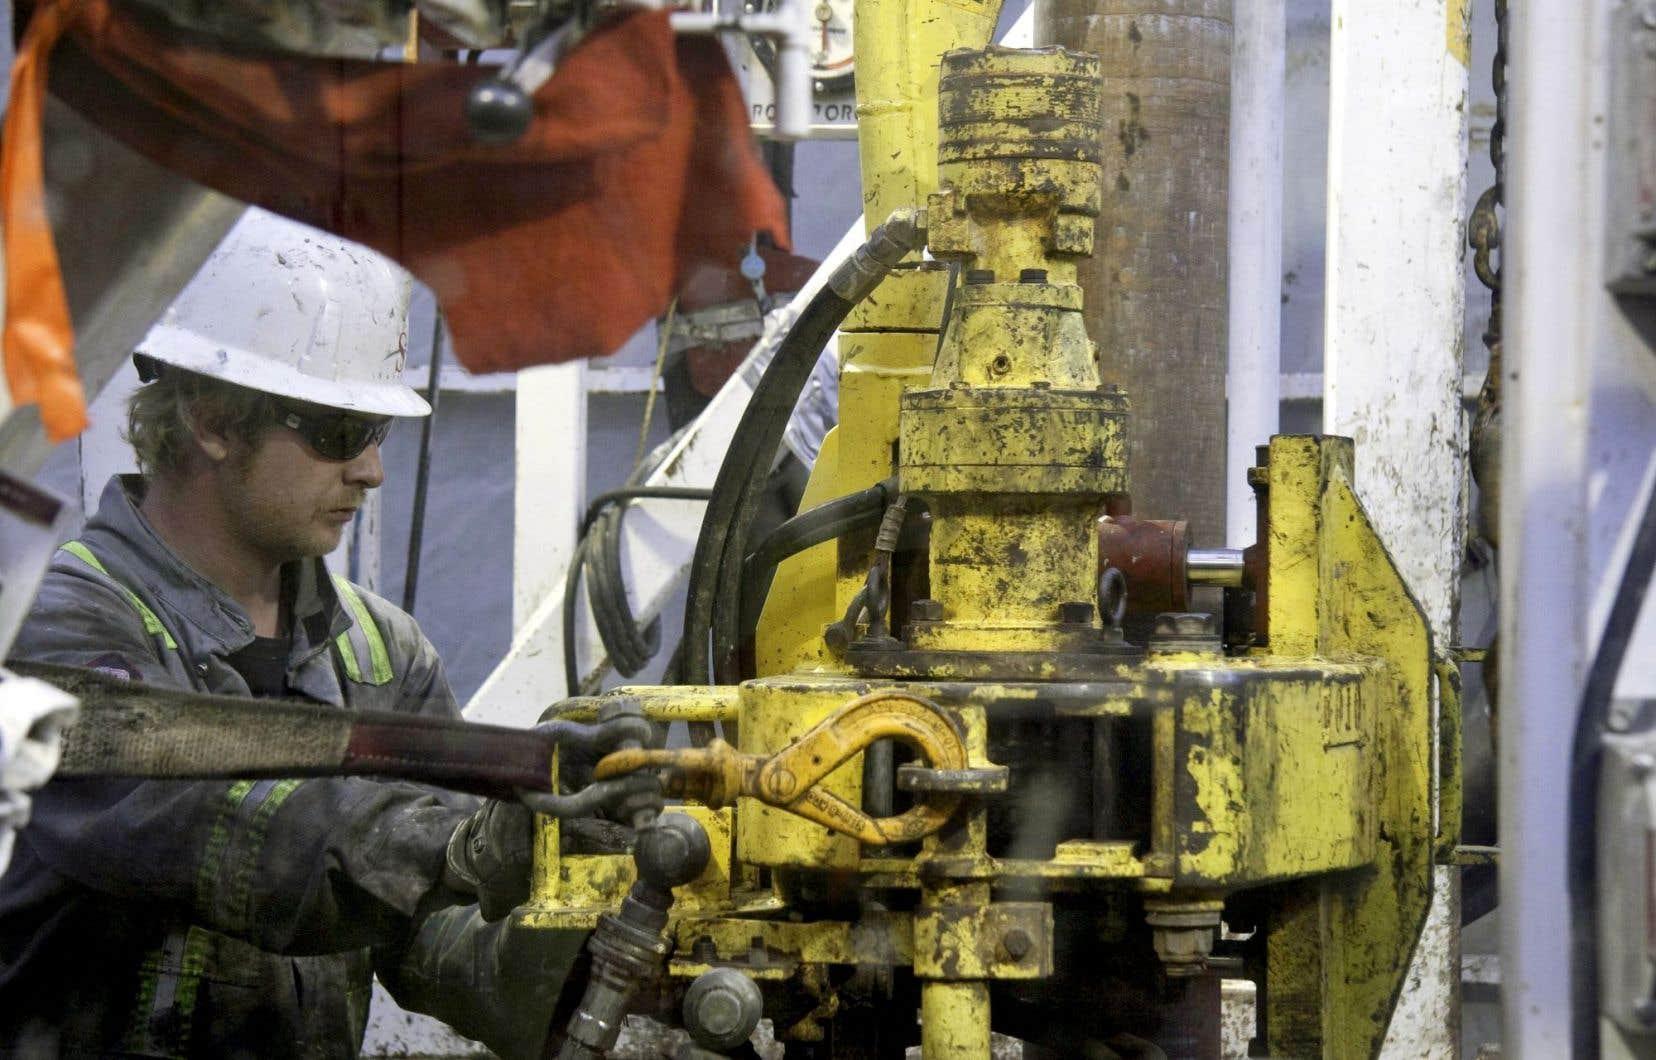 Le Règlement sur le prélèvement des eaux et leur protection impose une distance minimale de 500 mètres entre les sources d'eau potable et les puits gaziers ou pétroliers.